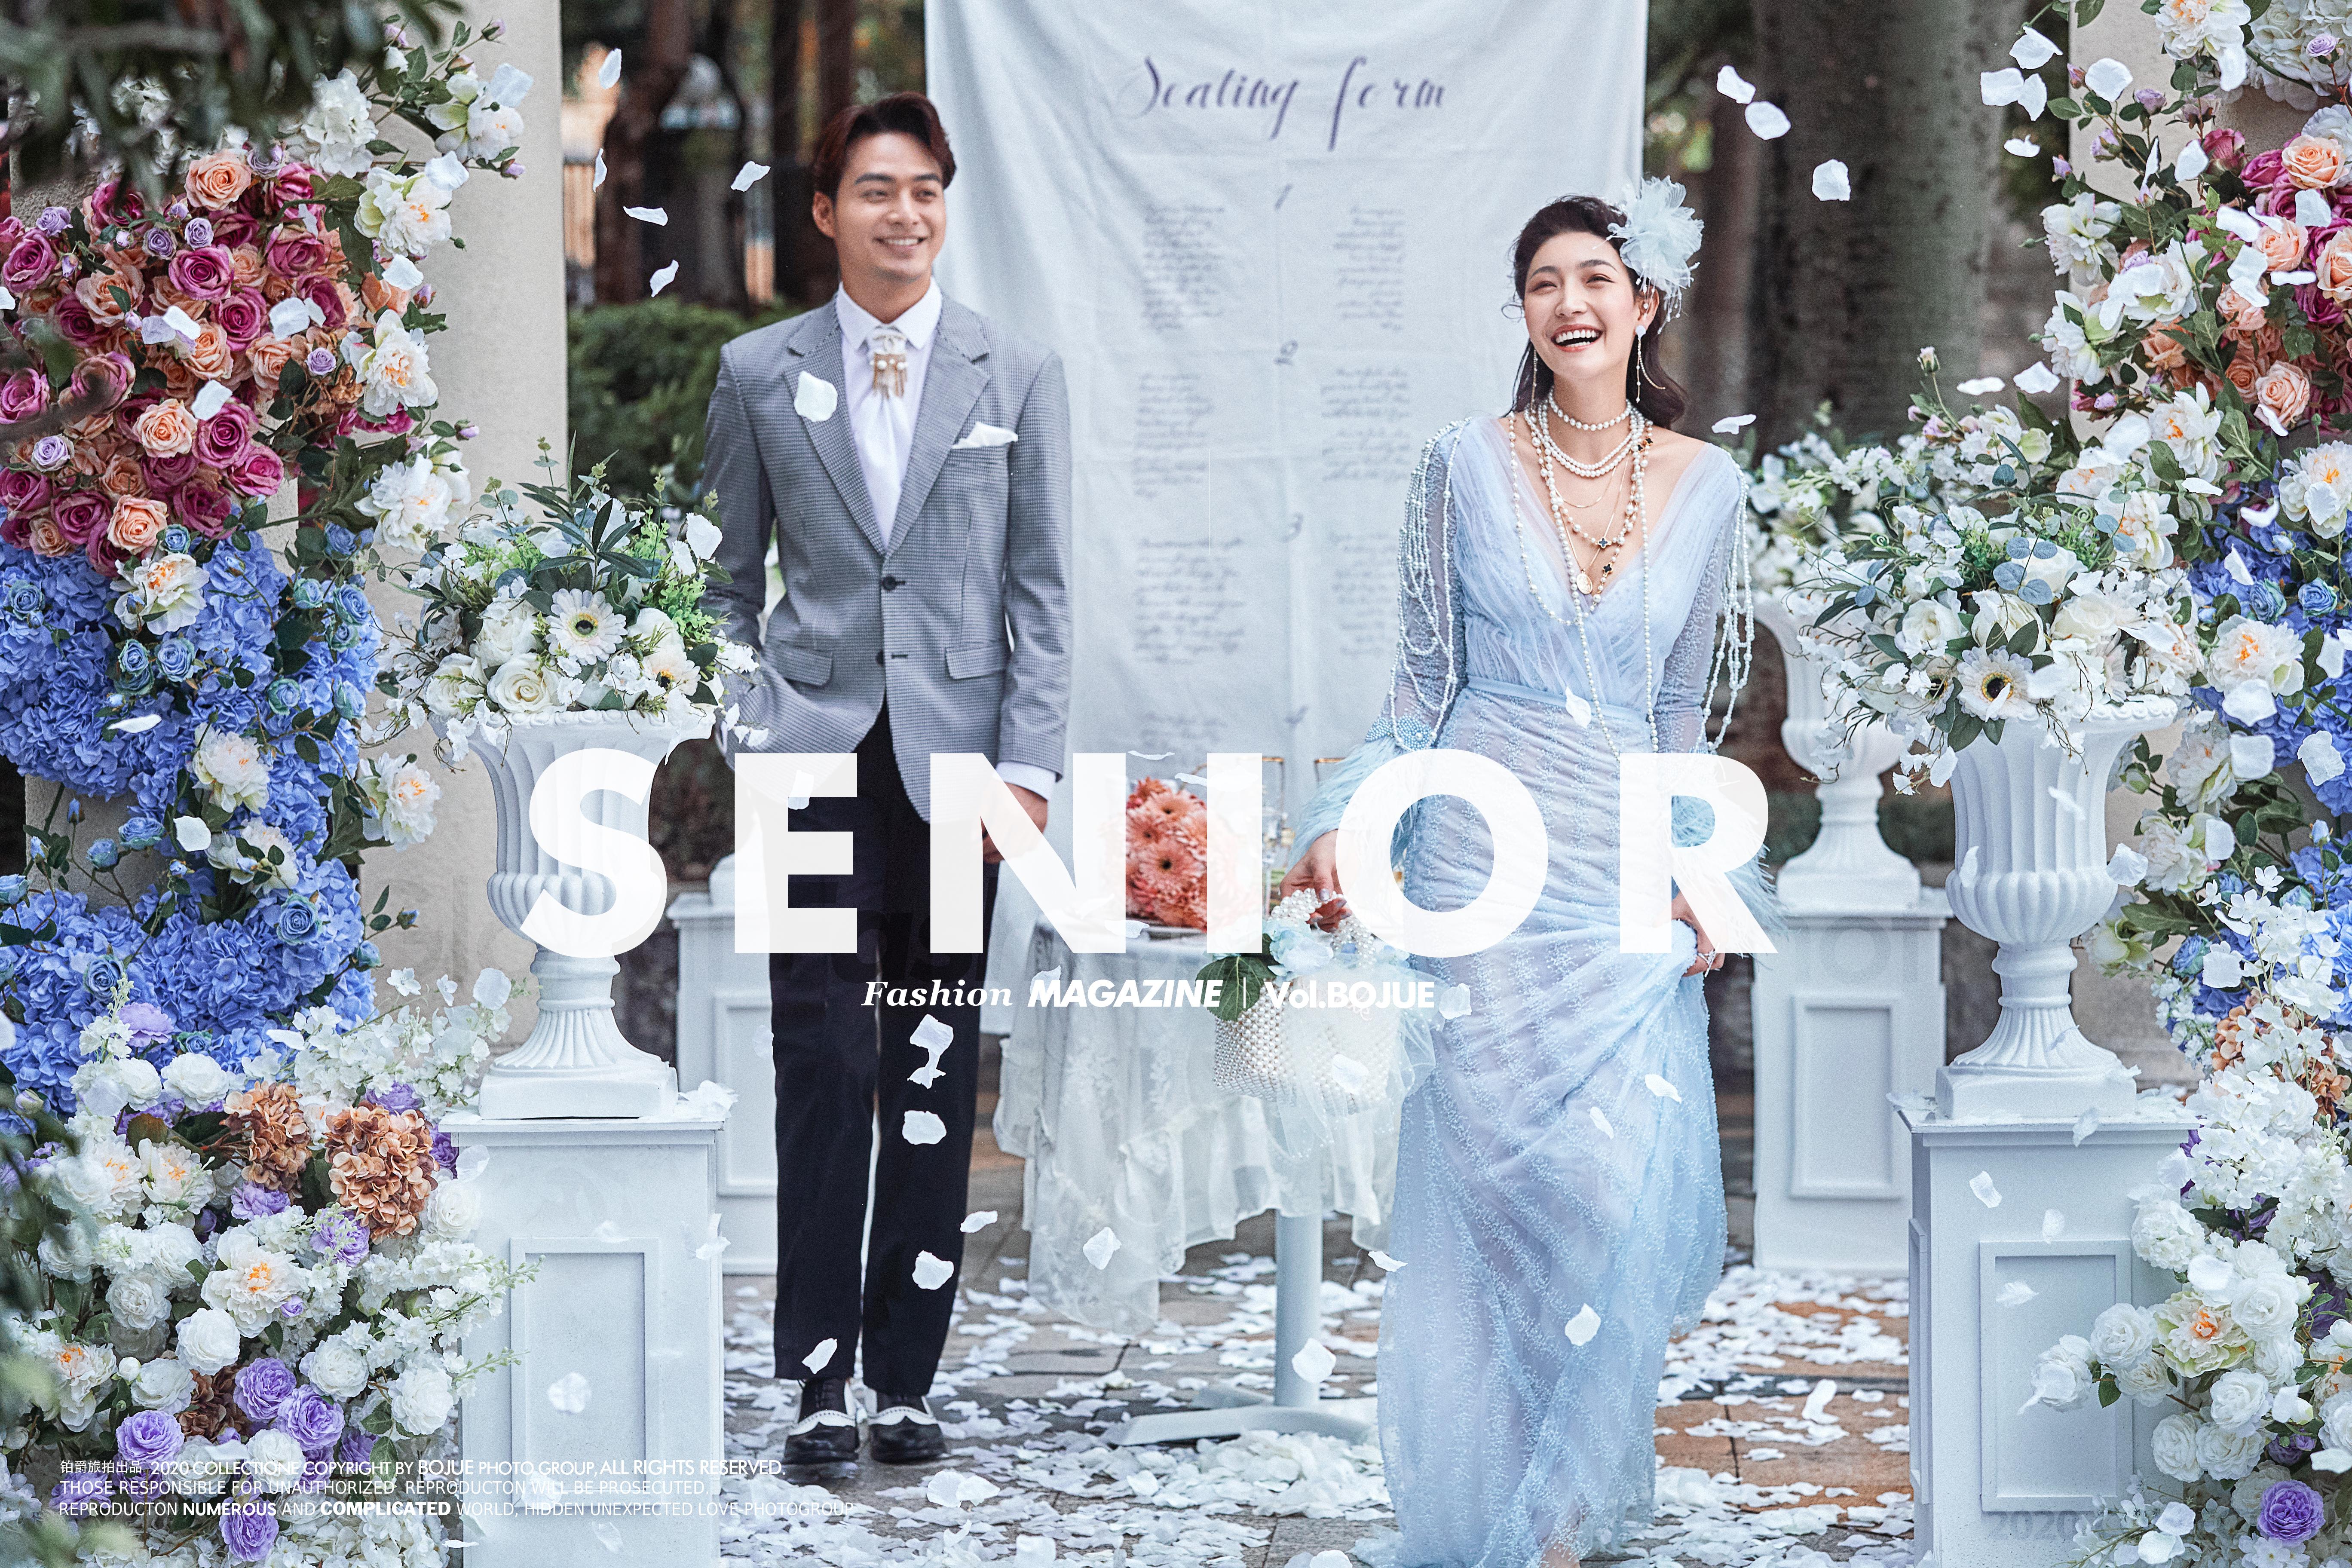 厦门婚纱照效果怎么样?婚纱照怎么拍好看?